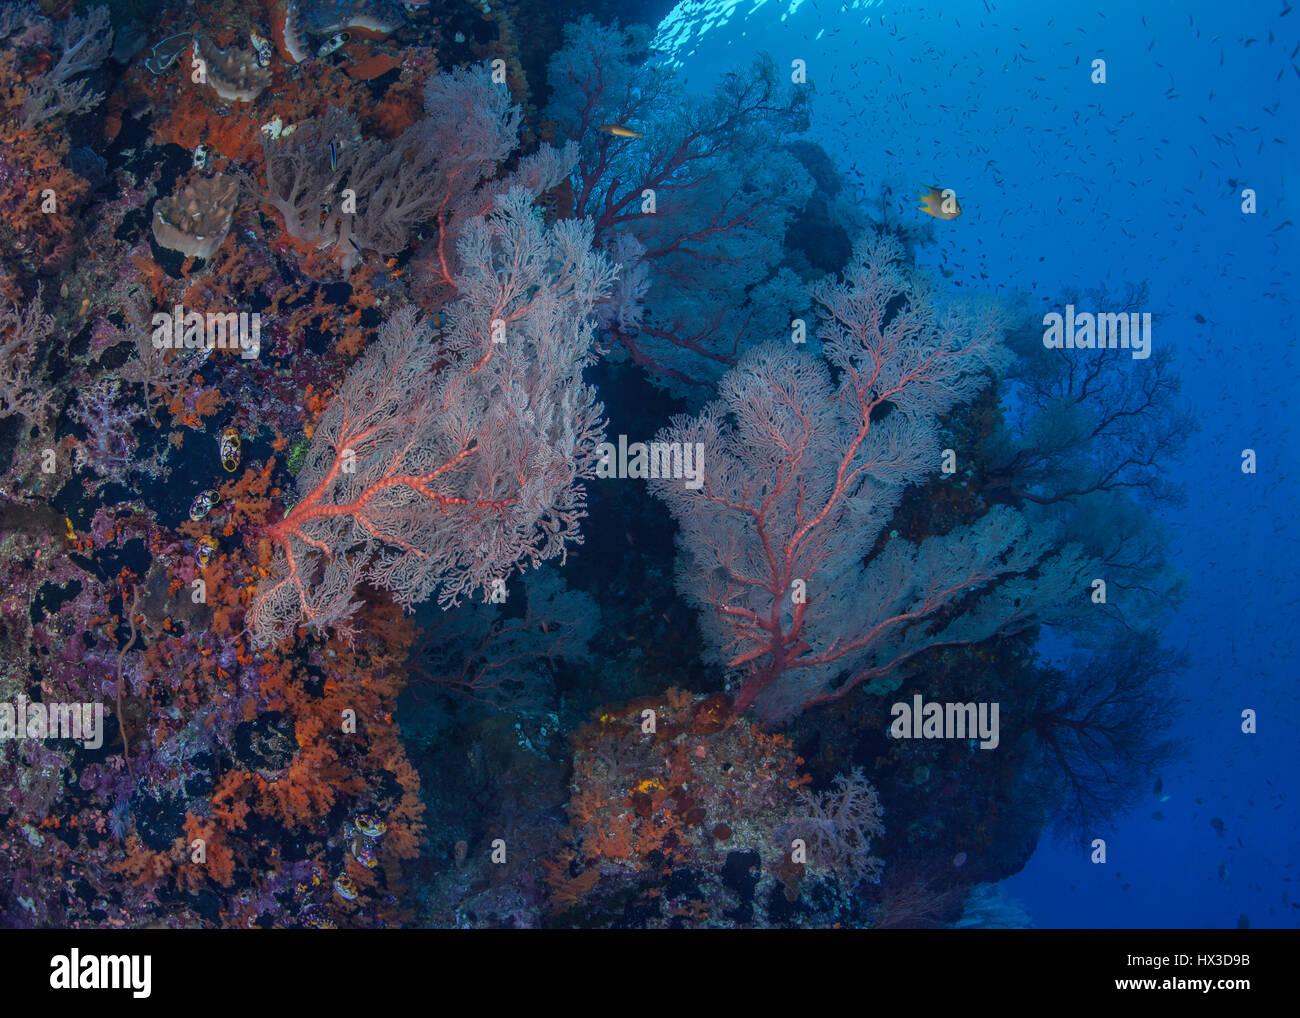 Coral reef parete popolata da mare luminescente fan. Raja Ampat, Indonesia. Immagini Stock